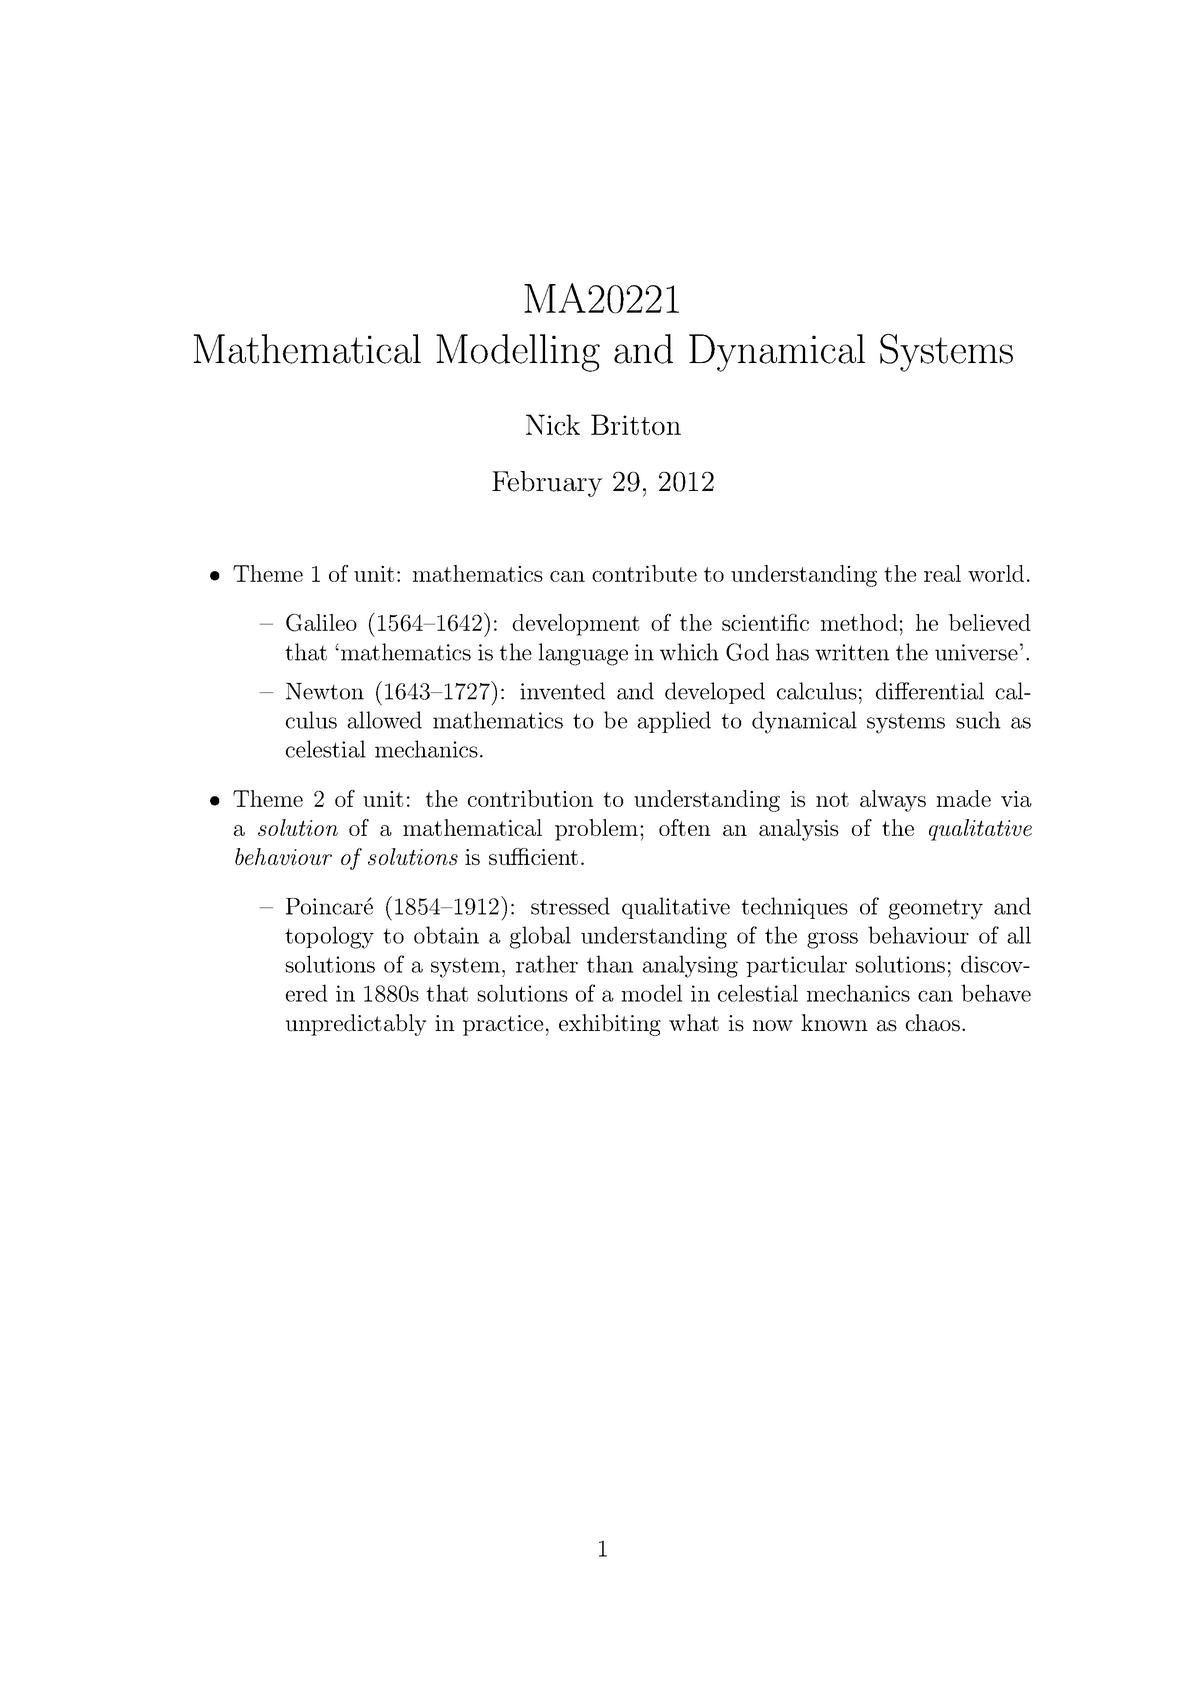 MA20221 2011-2012 Lecture Notes (ALL) - Bath - StuDocu